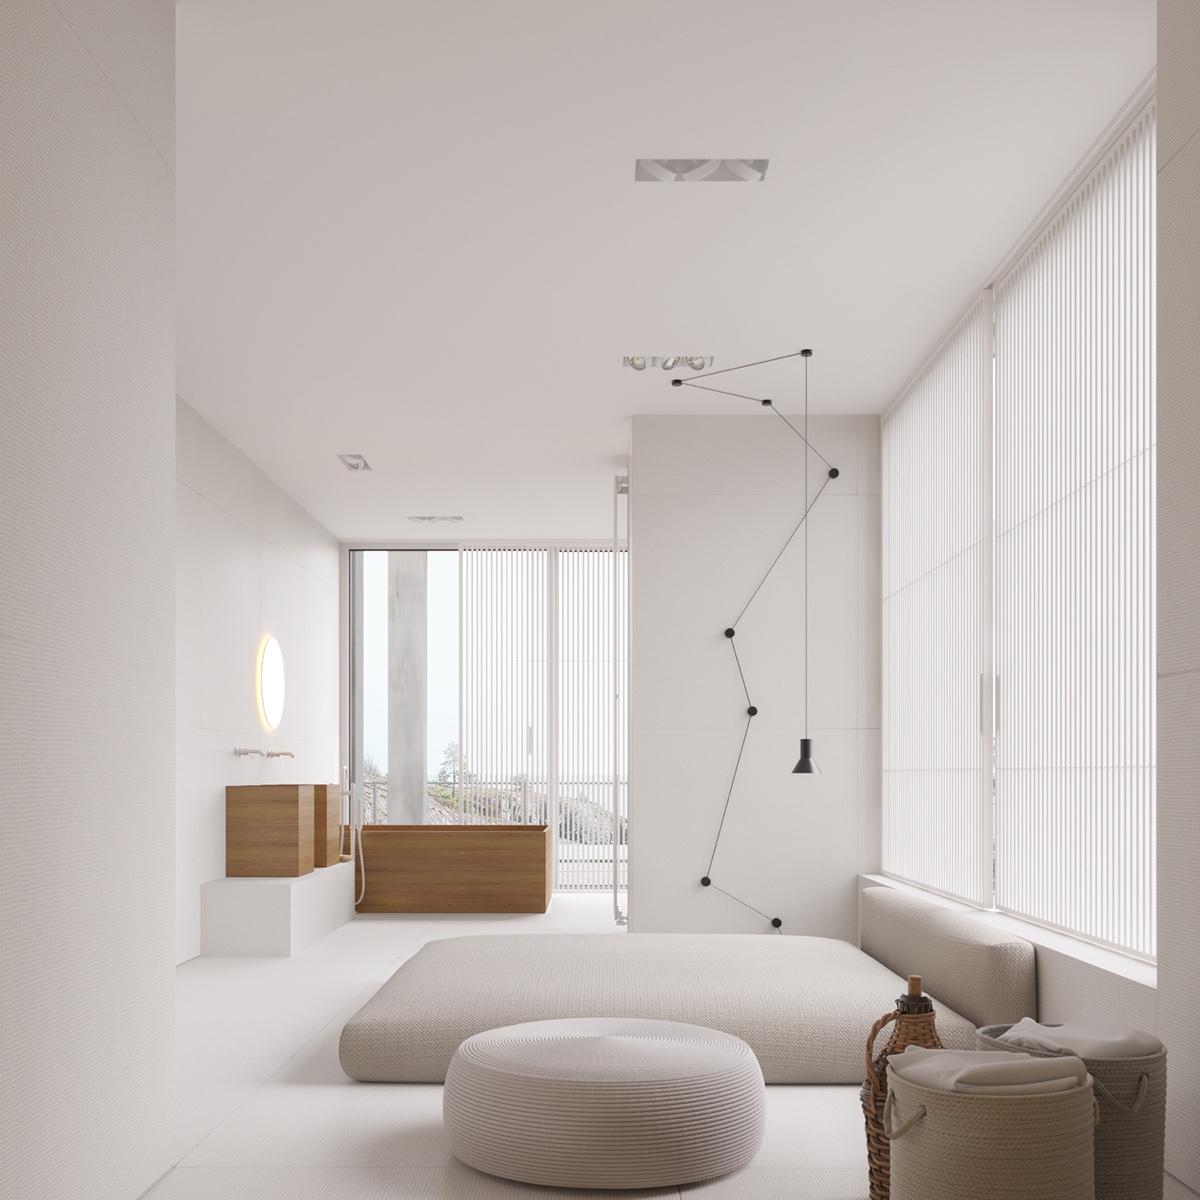 white-room-simple-bedroom-geometric-light